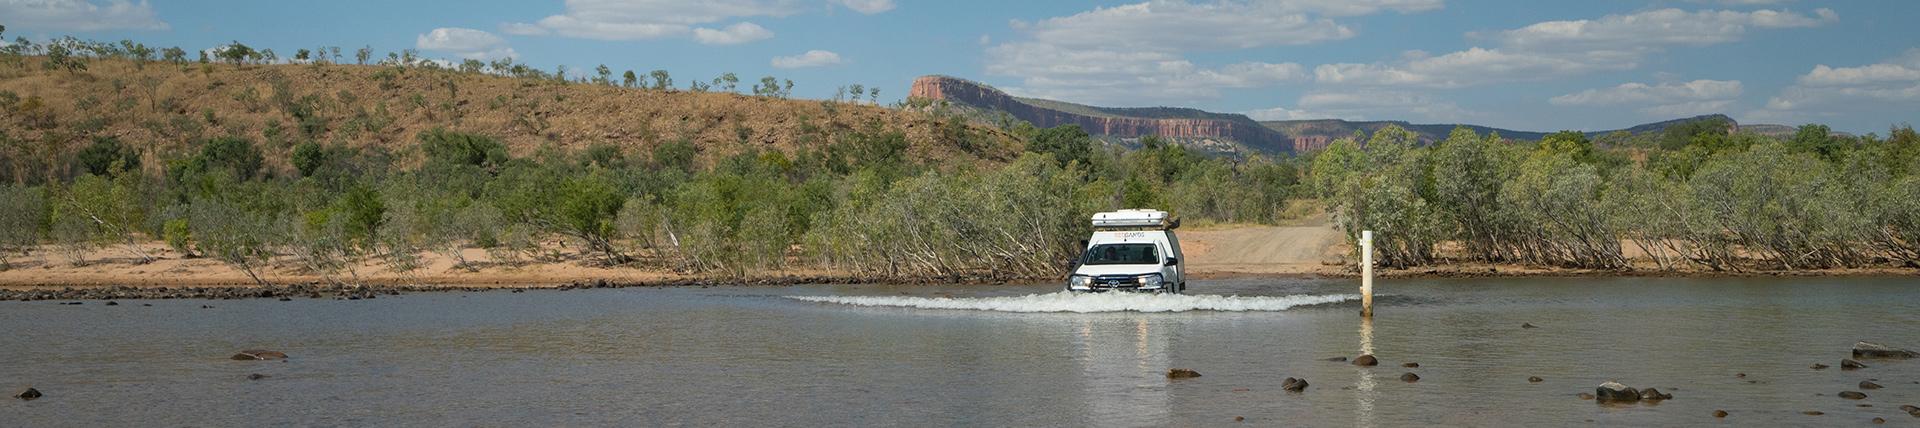 RedSands 4WD camper